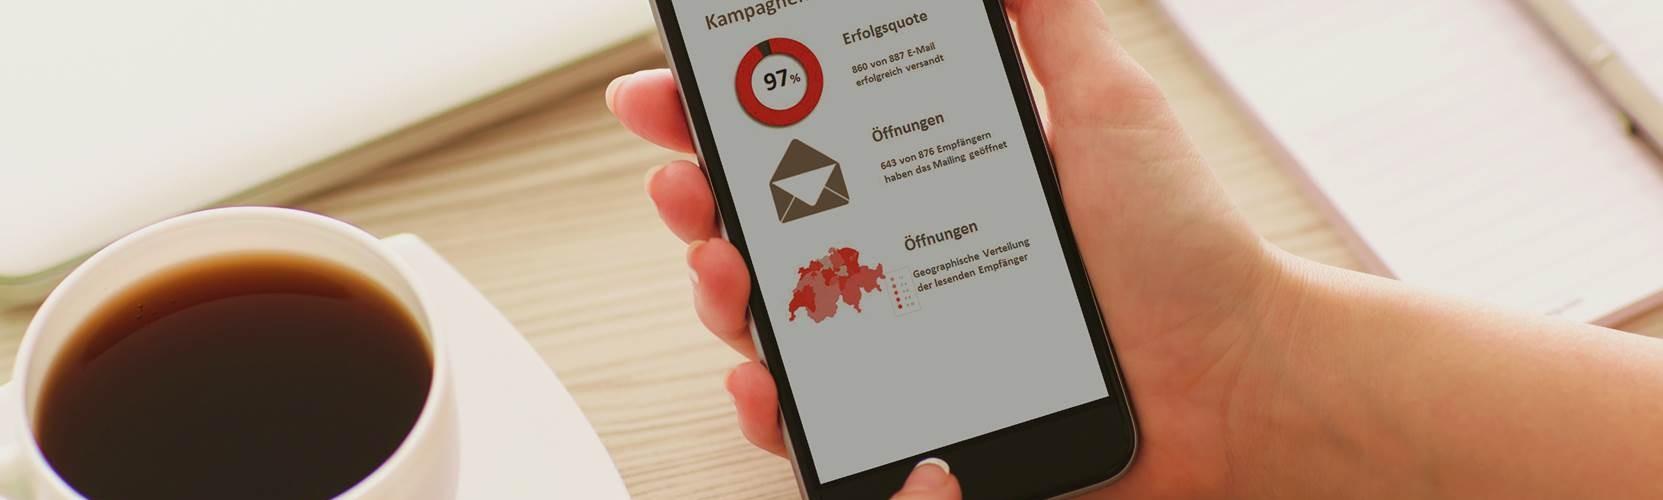 KMU-Ticker: Mit E-Mail-Marketing zum Erfolg